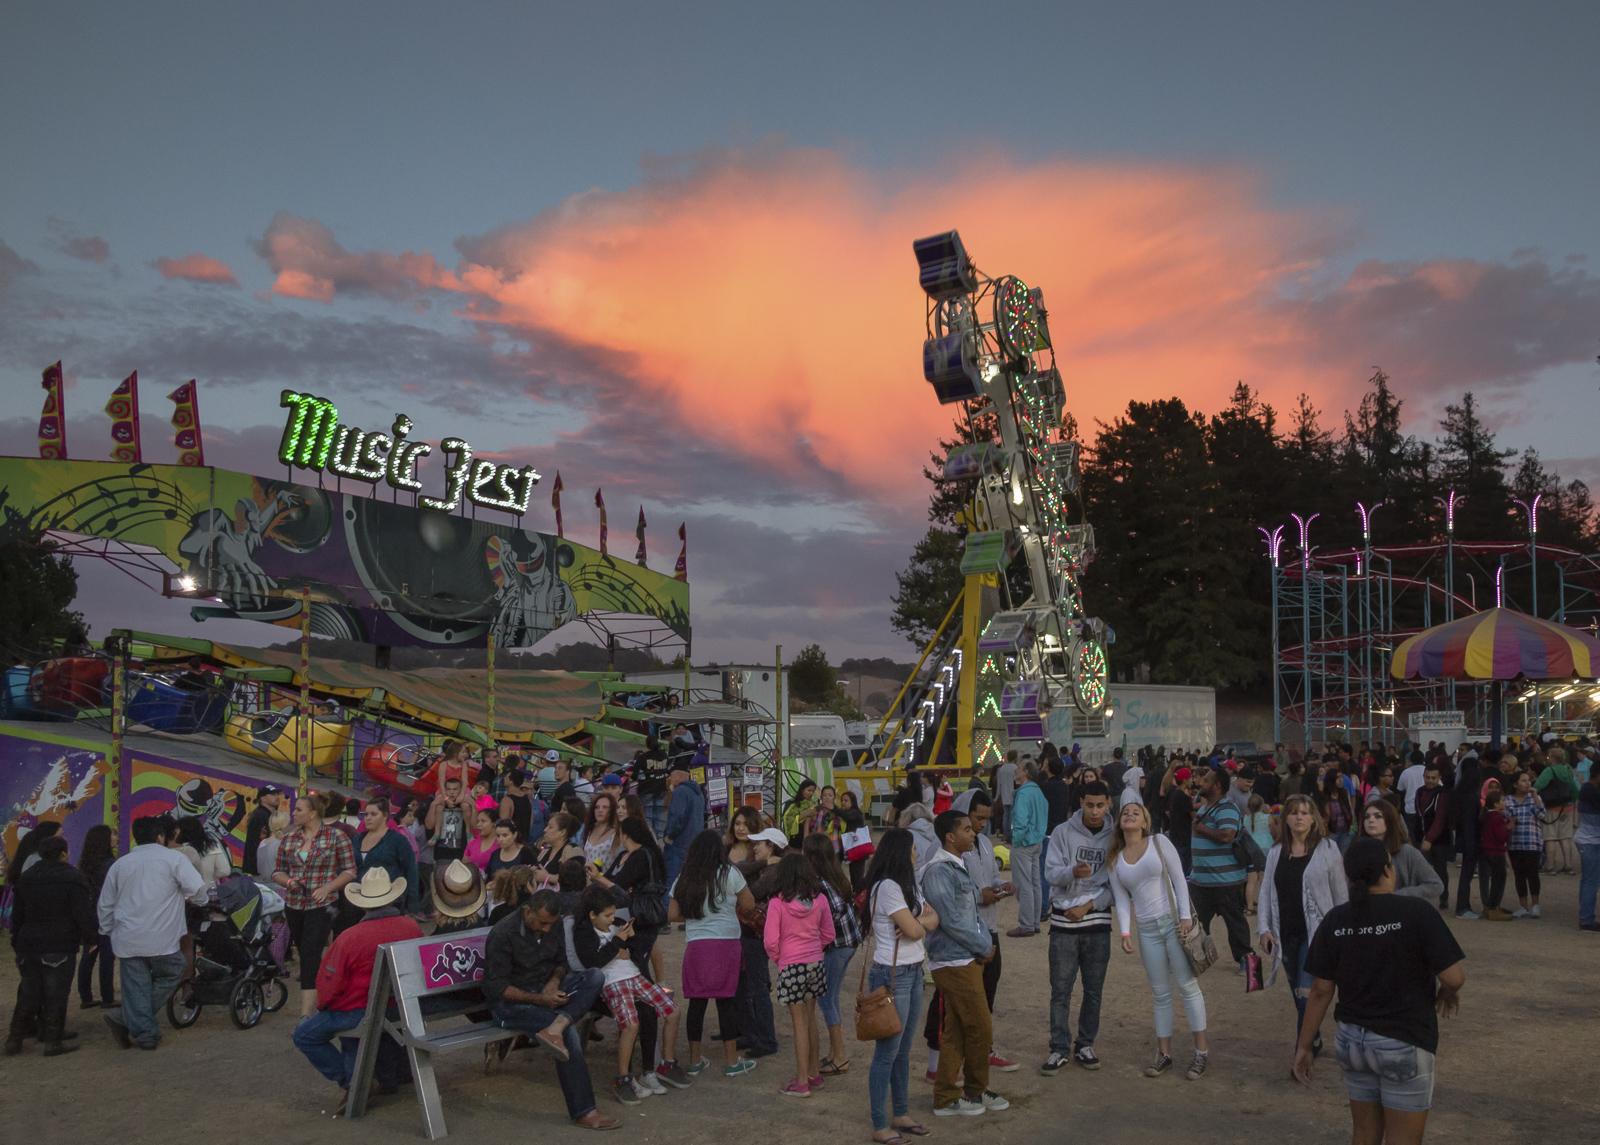 Sonoma County Fair Santa Rosa, CA, U.S.A. August 5, 2015